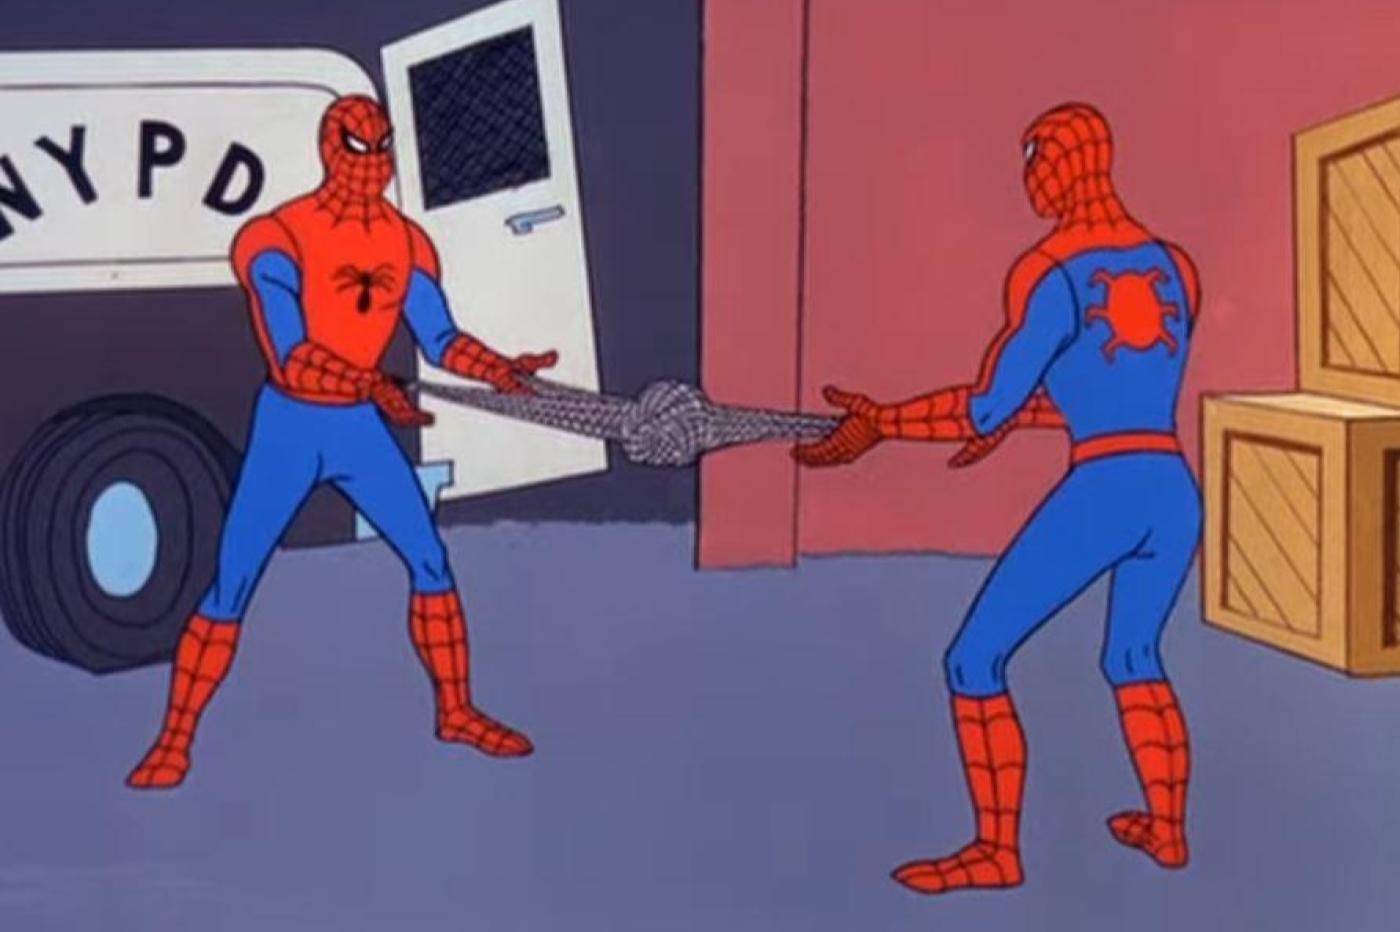 Spider-man-série-1967-Paul-Soles